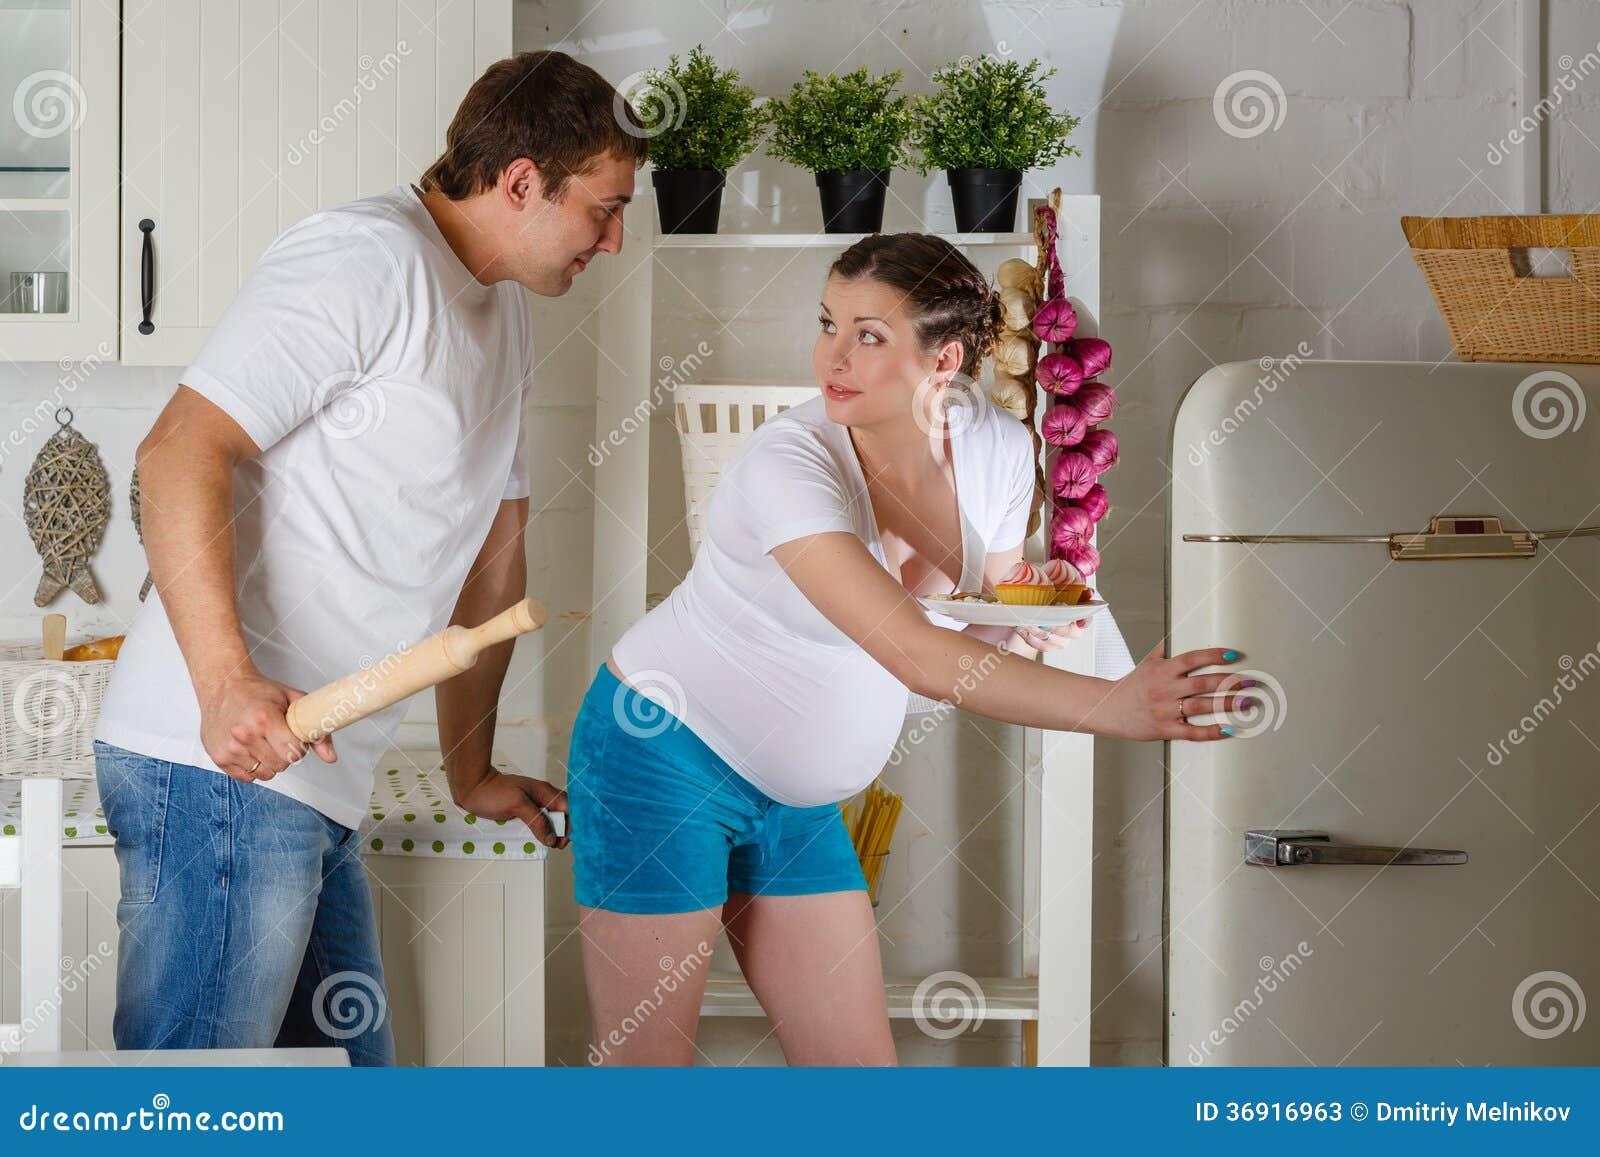 Głodny kobieta w ciąży.